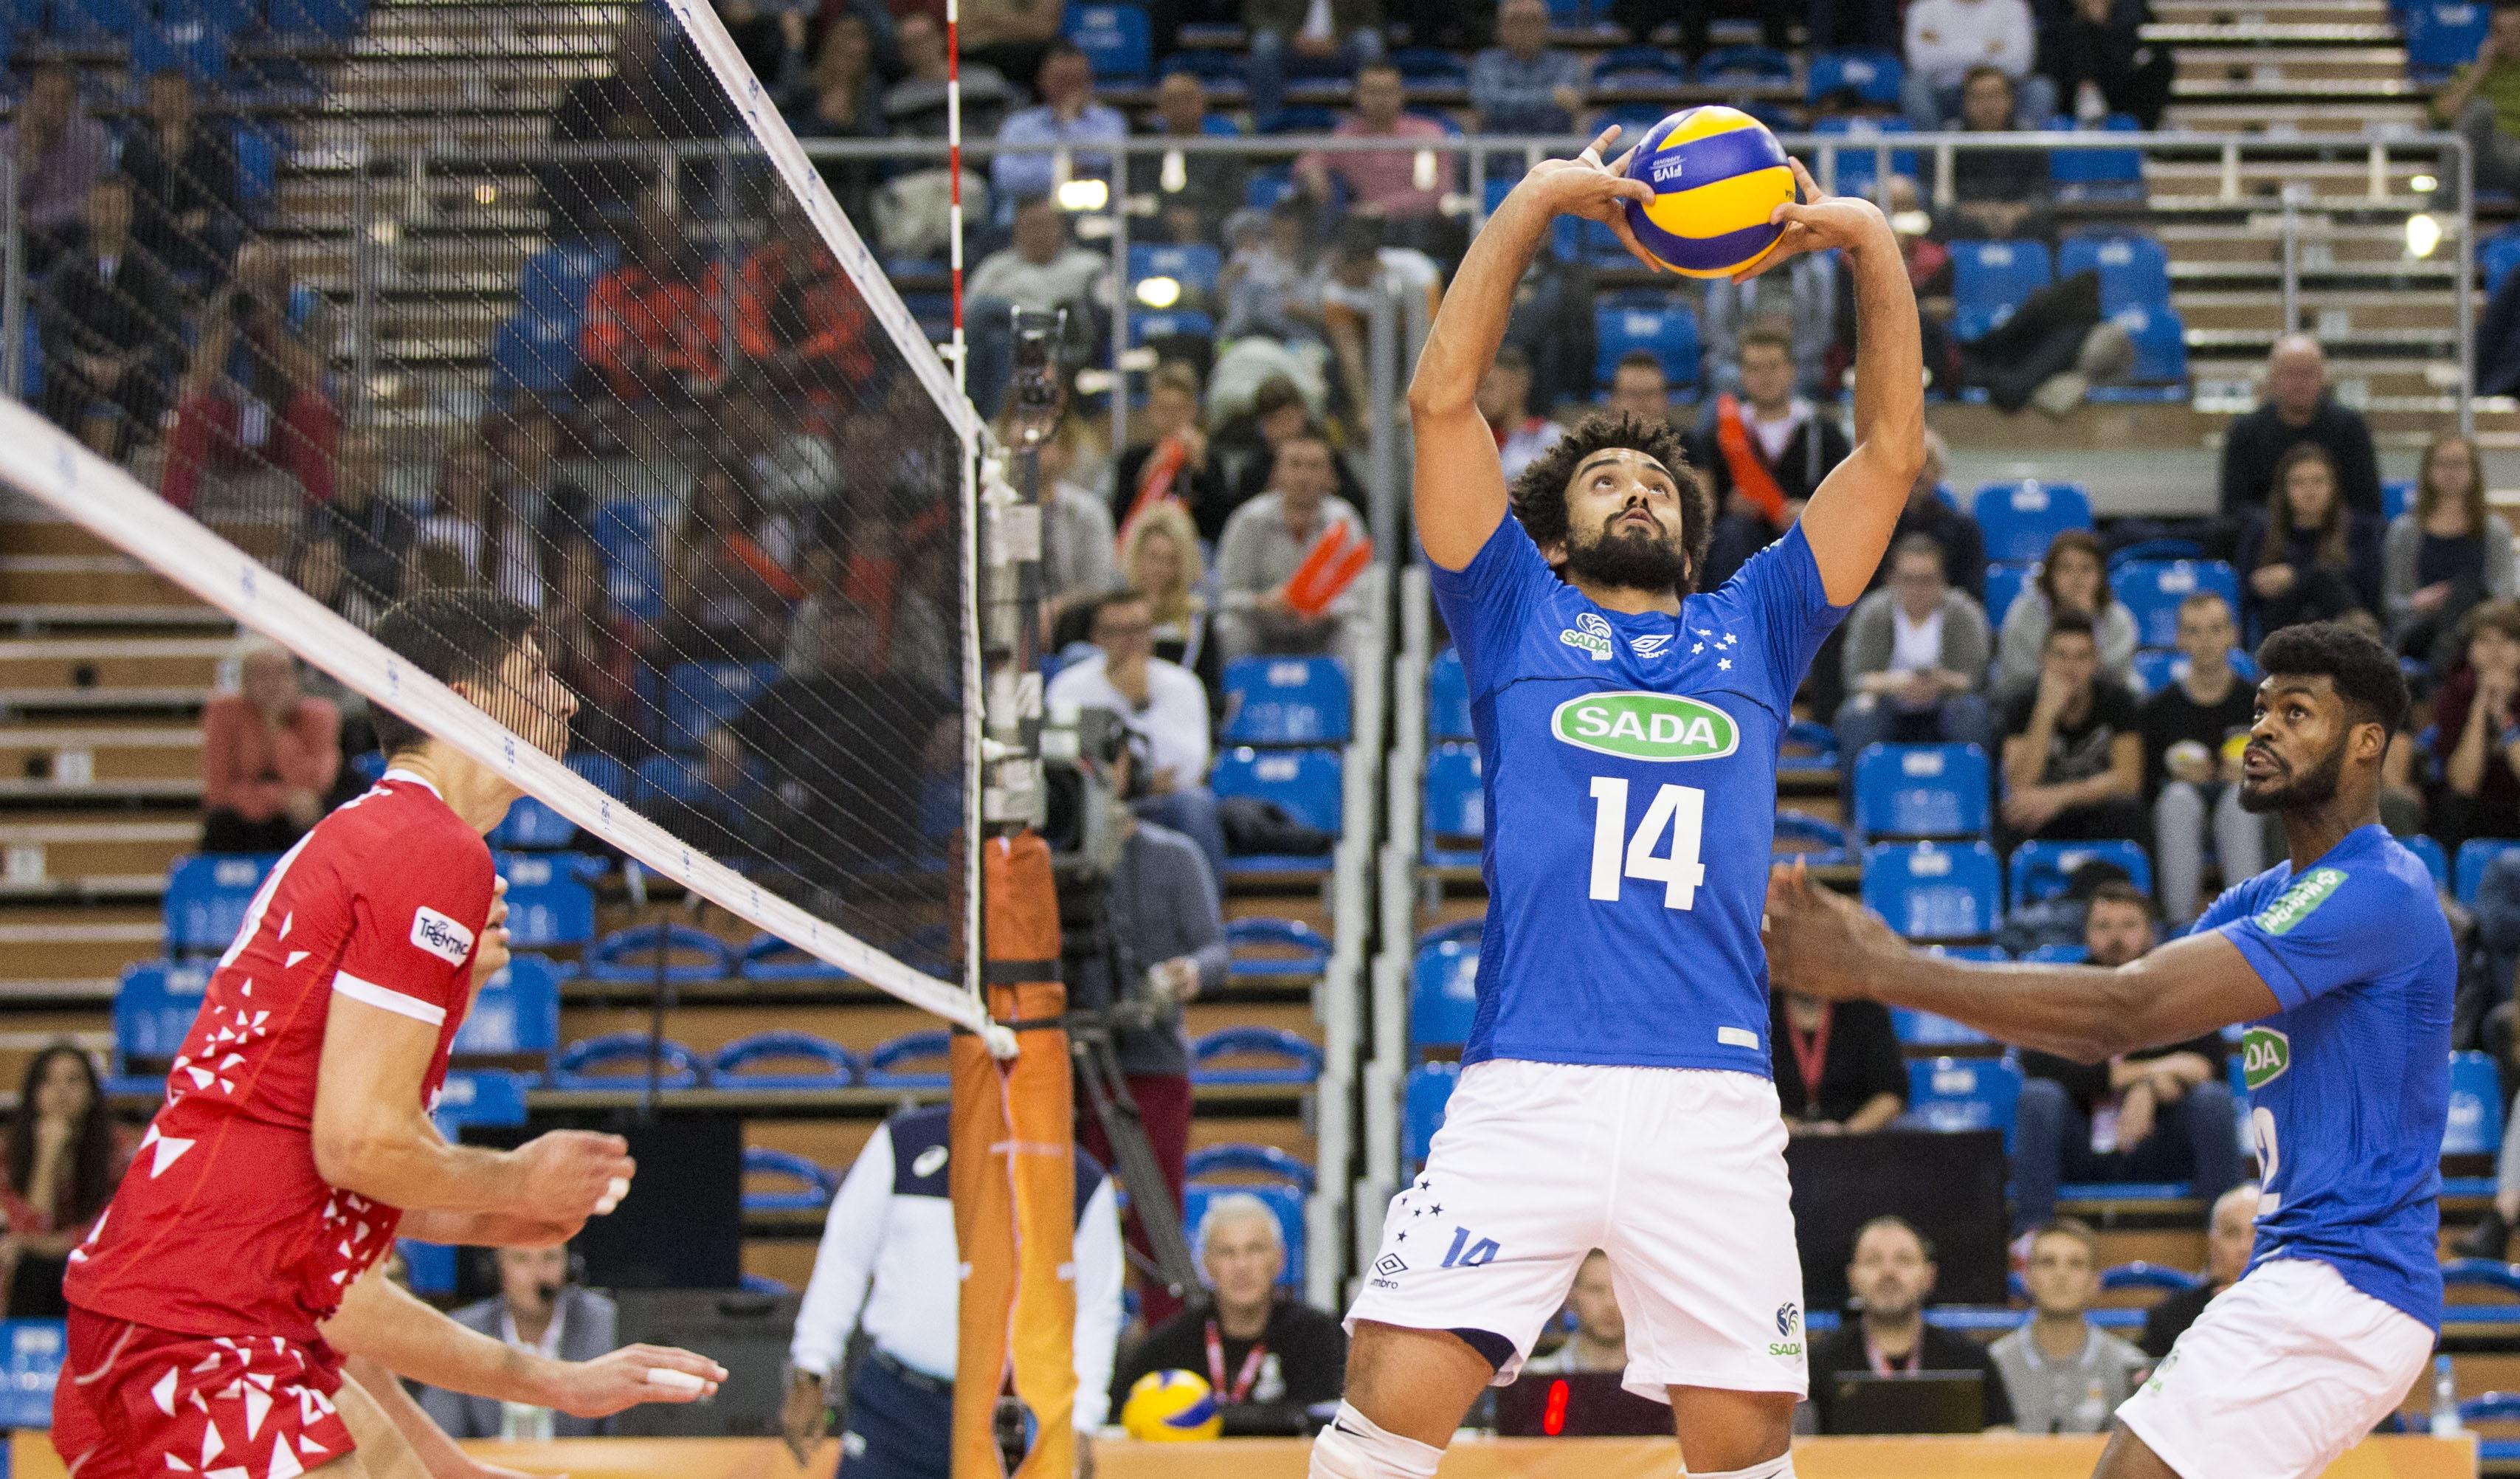 Sada Cruzeiro acaba superado pelo Trentino Volley